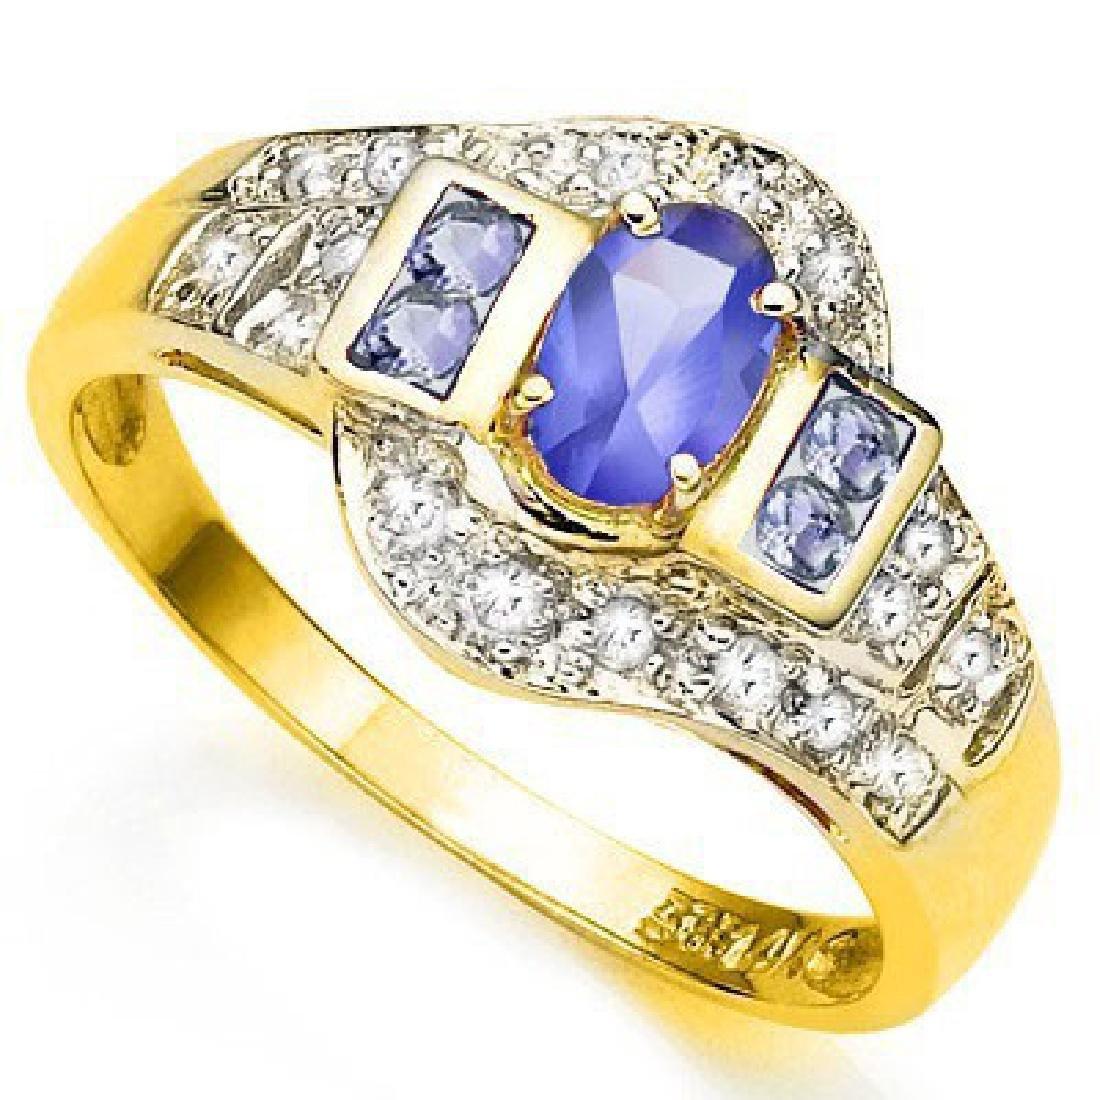 STUNNING 10K GOLD TANZANITE/DIAMOND ESTATE RING